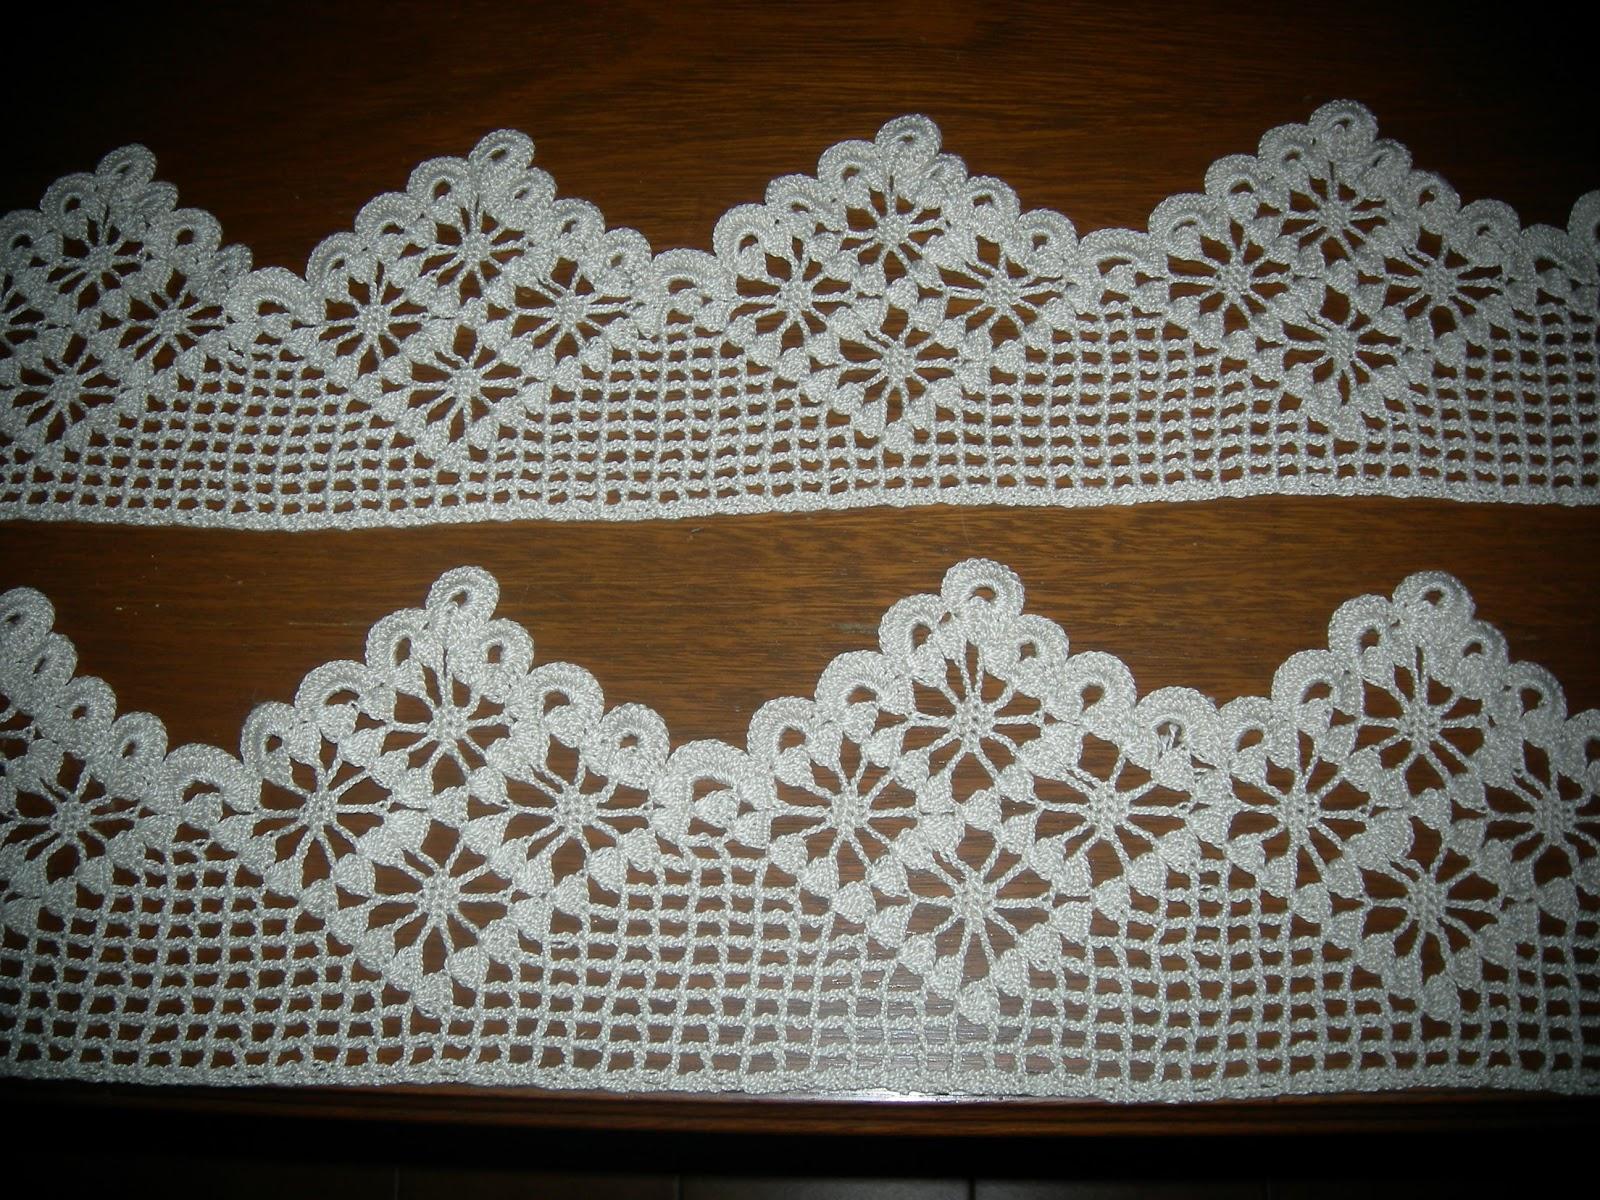 Arte gabrielle tejido crochet ganchillo puntillas en pico - Puntillas para cortinas ...